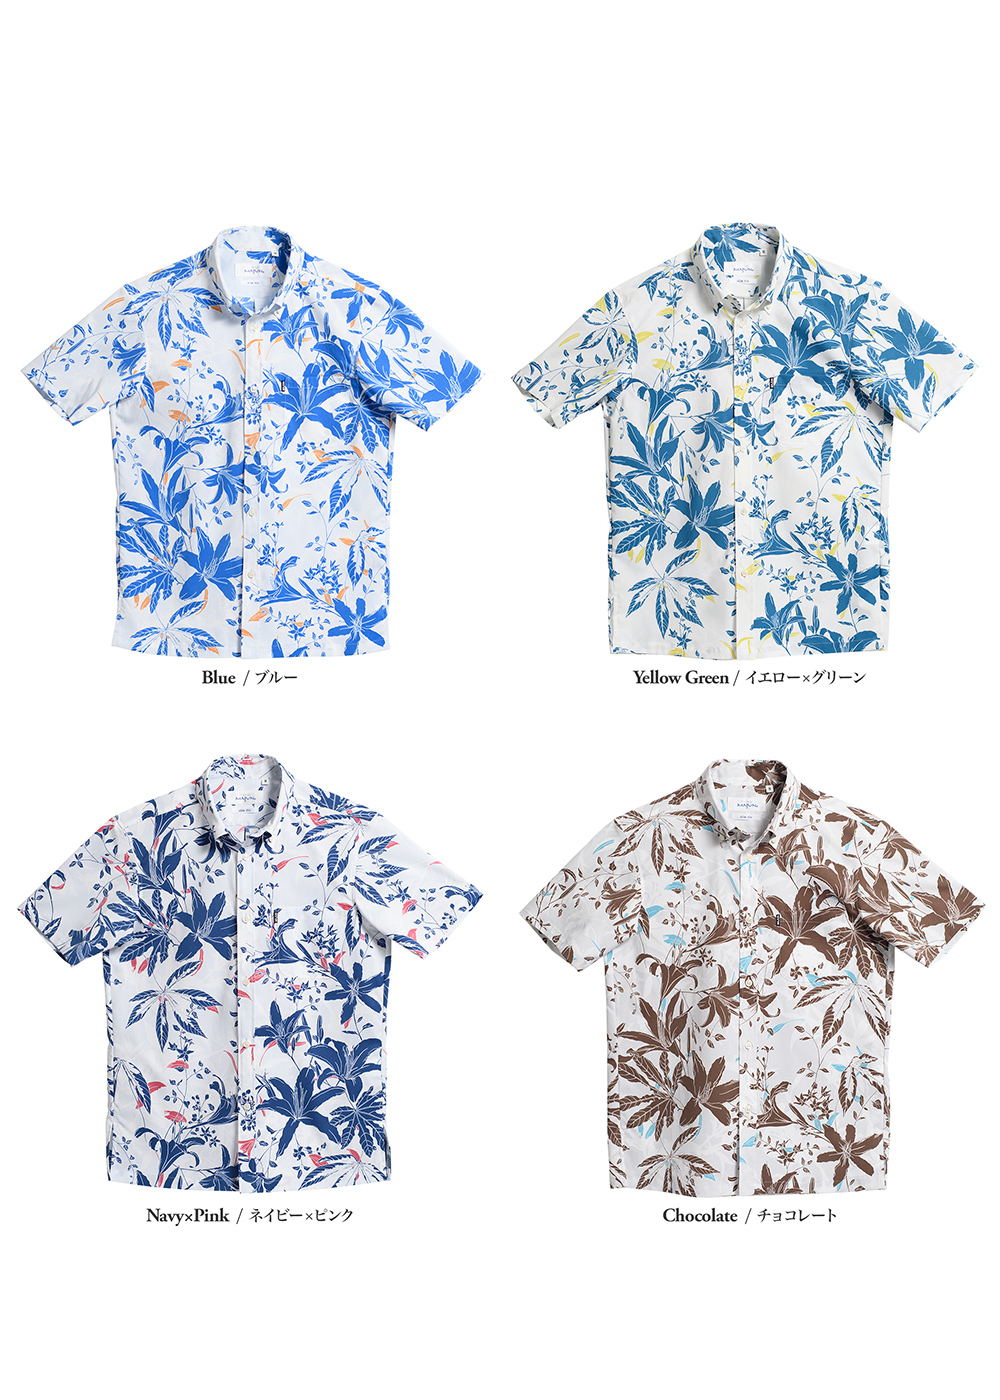 かりゆしウェア(沖縄版アロハシャツ) MAJUN - フローラルフリー